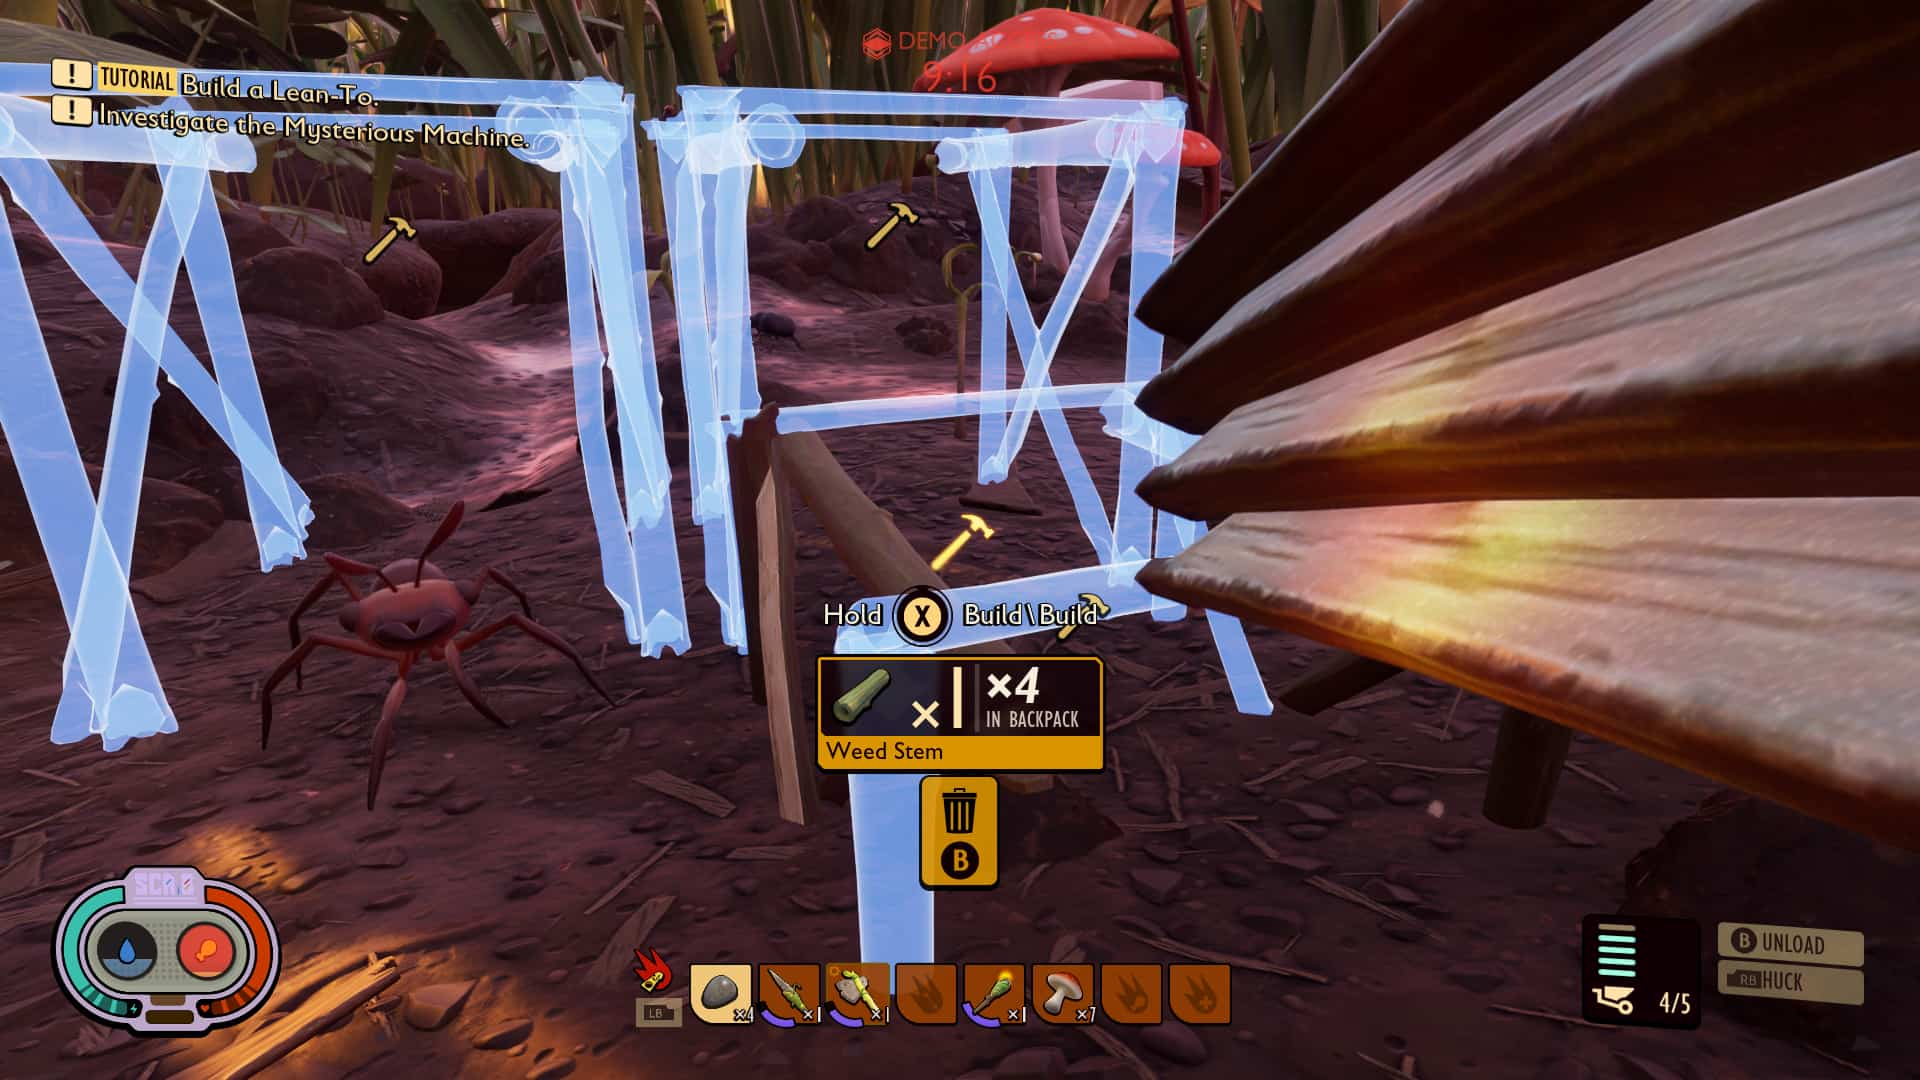 Llega una nueva actualización a Grounded para mejorar la experiencia de juego 2